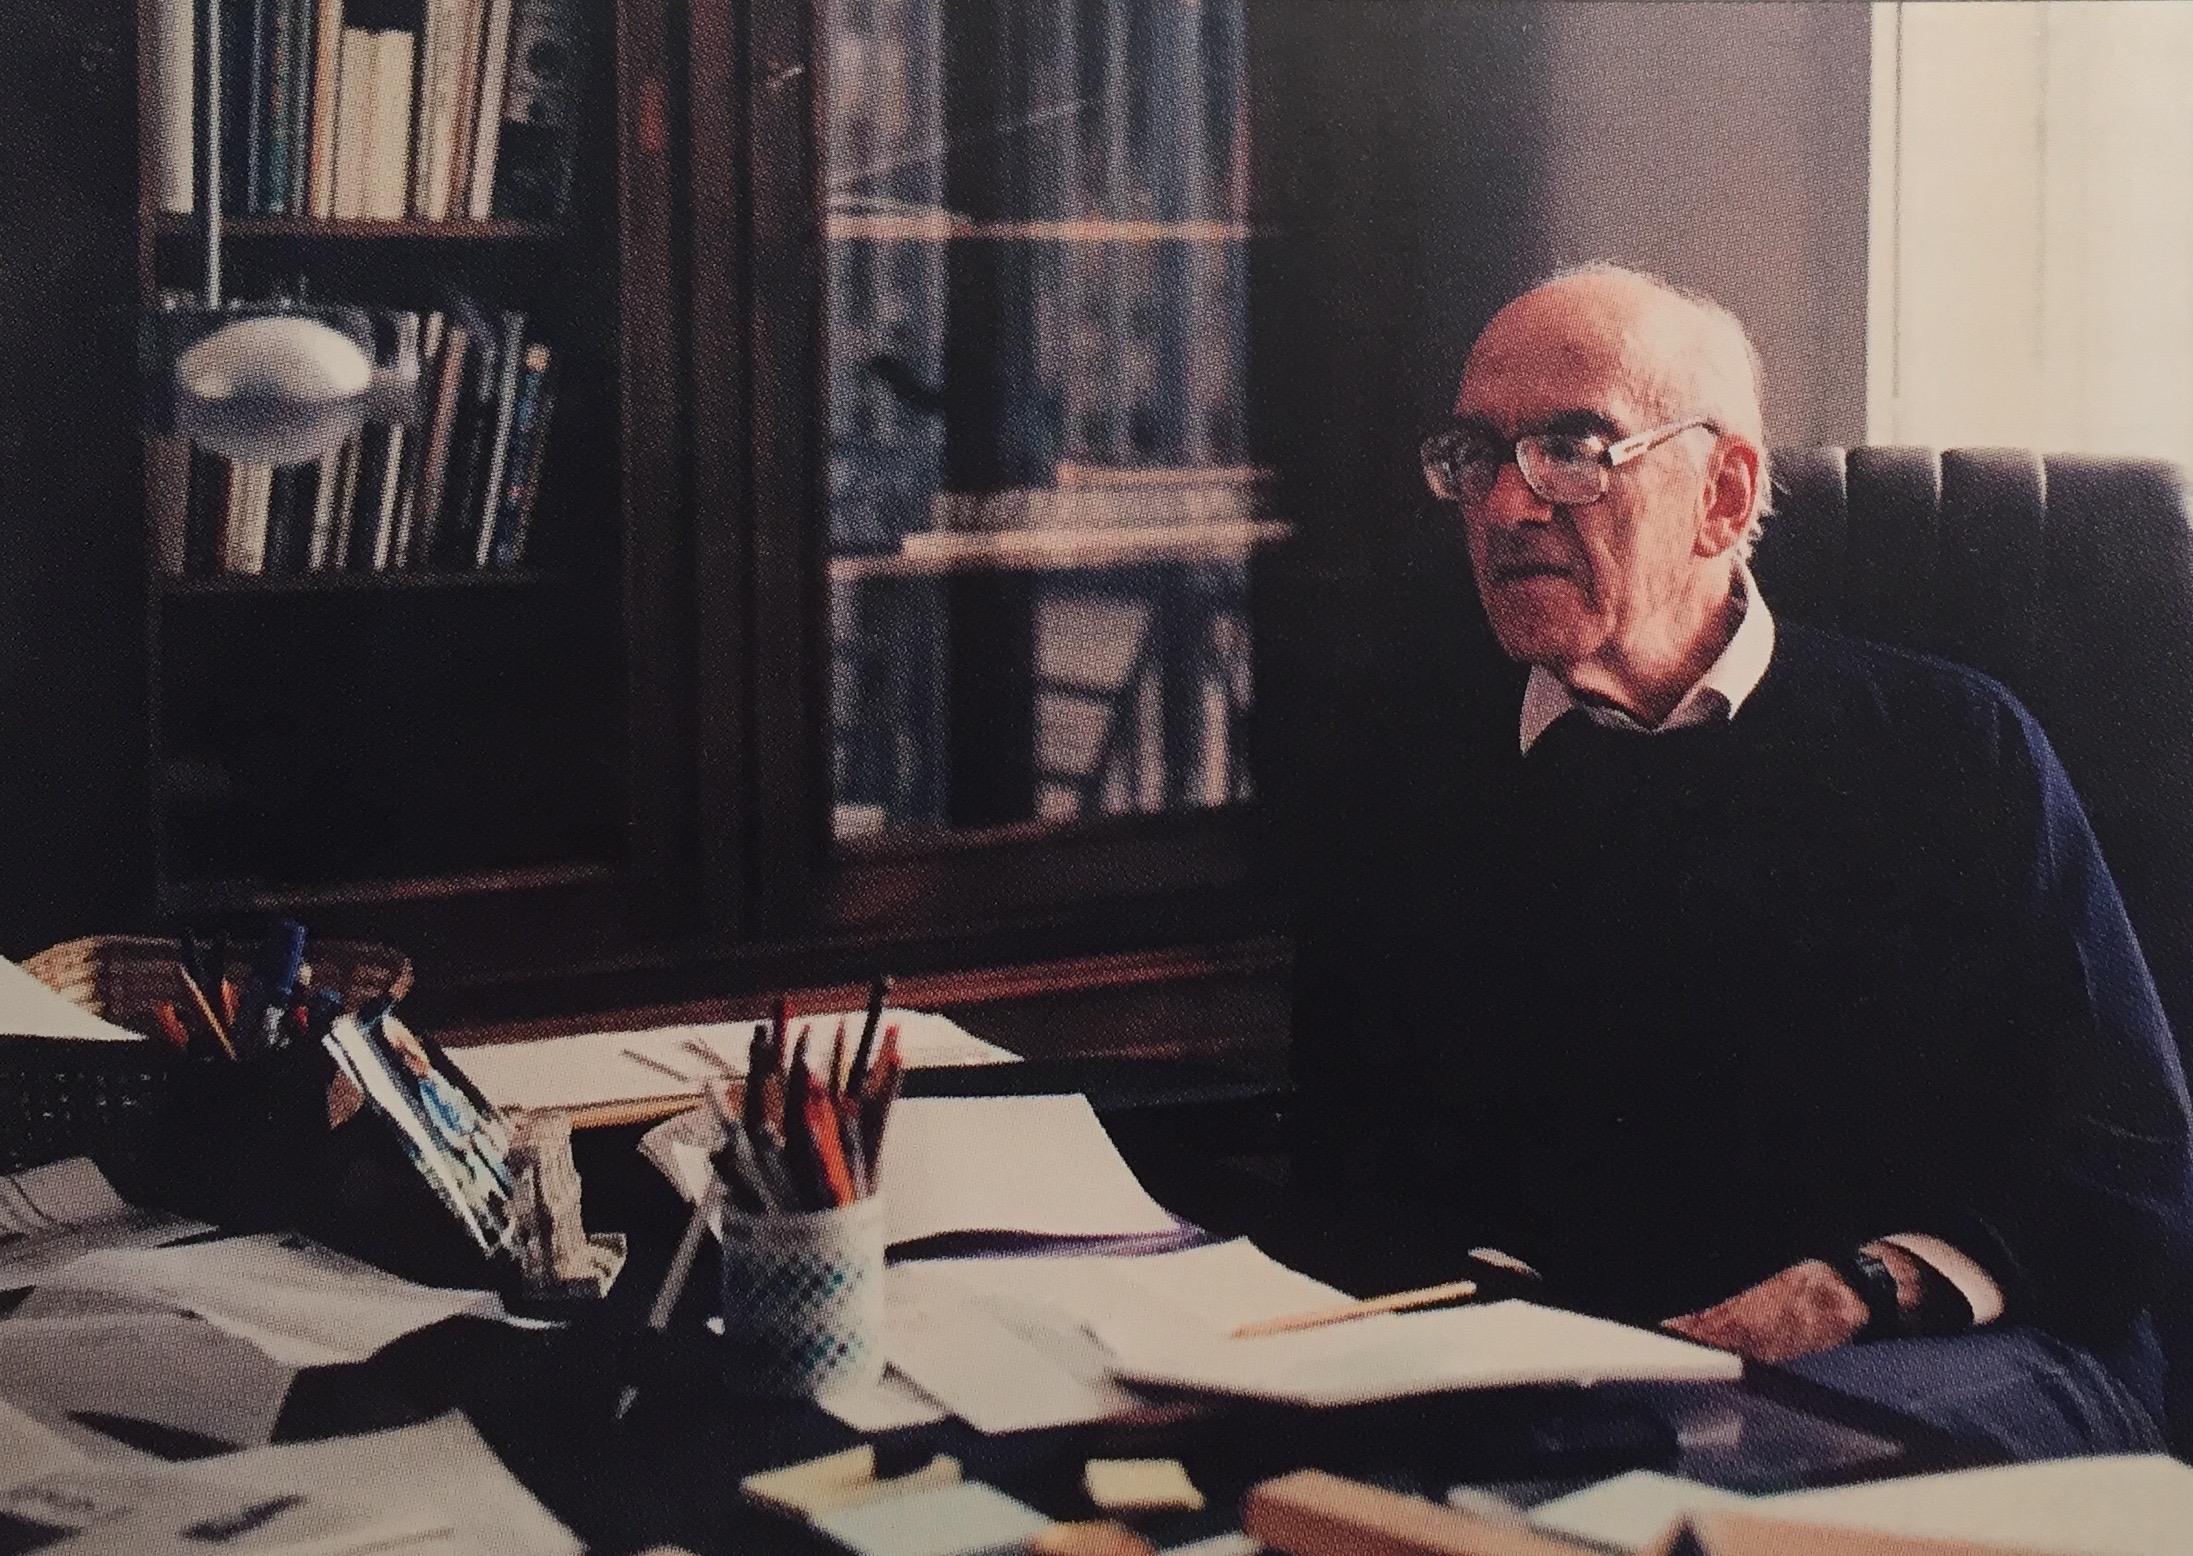 Lorenzo Bonomo nel suo studio in una foto di qualche anno fa